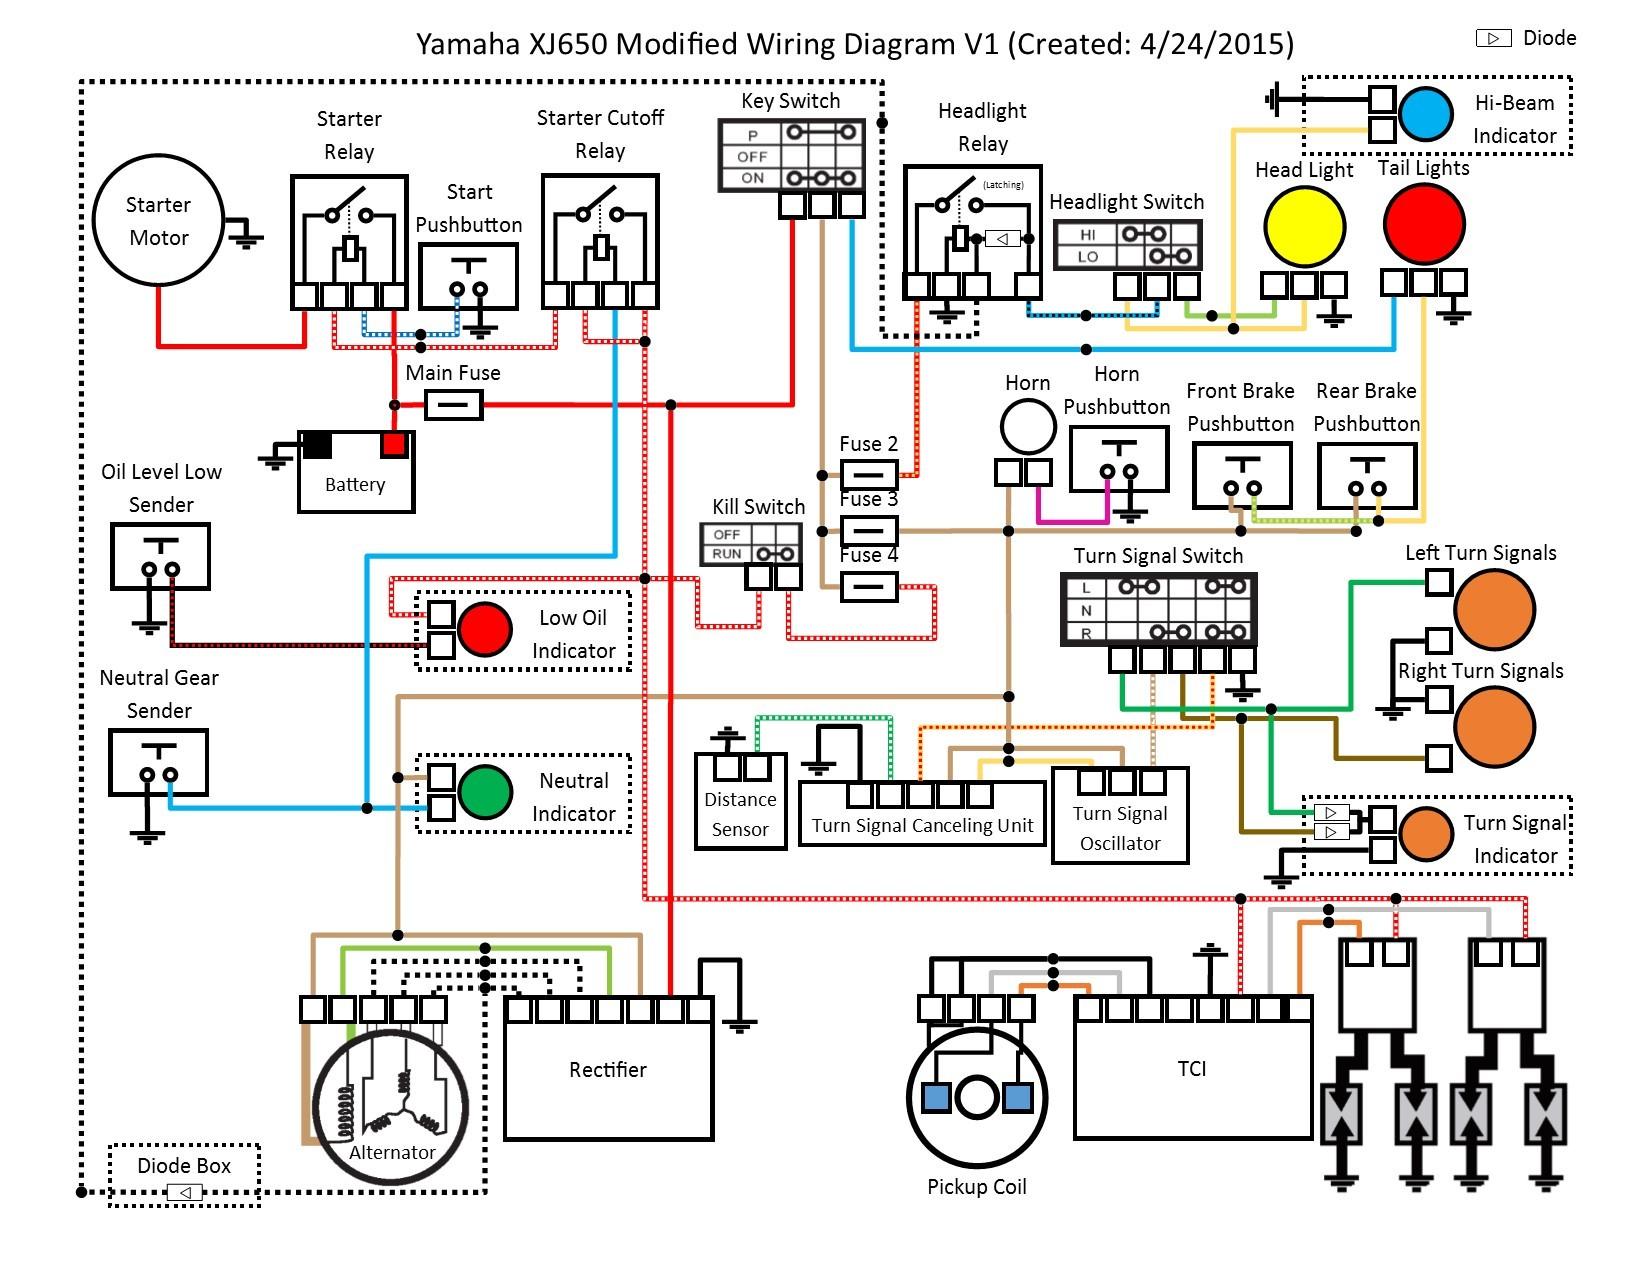 yamaha engine diagram yamaha 650 maxim wiring diagram view diagram yamaha jt1 yamaha u7e wiring diagram #41